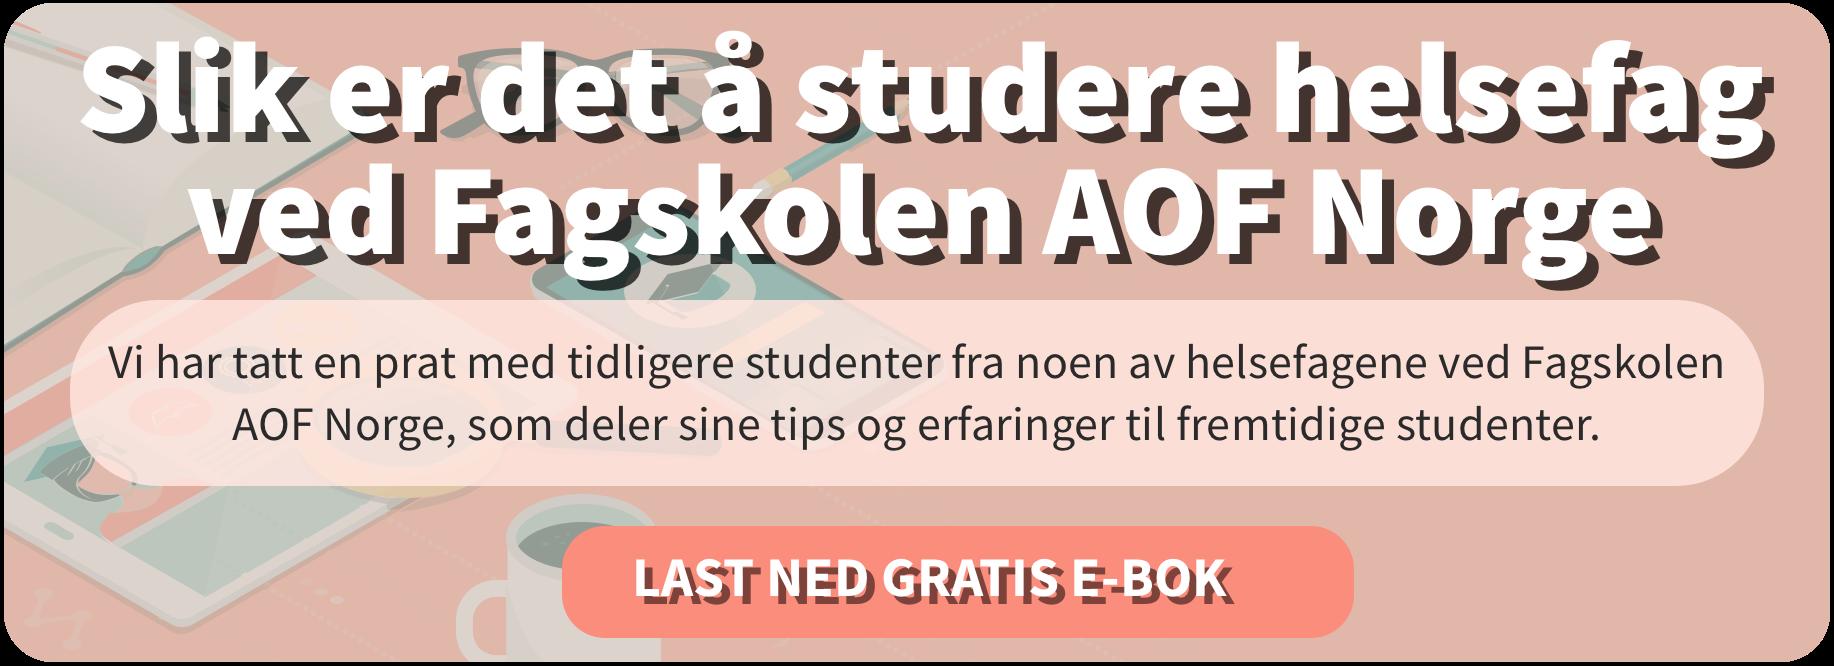 Intervju med tidligere studenter ved helsefag på Fagskolen AOF Norge.